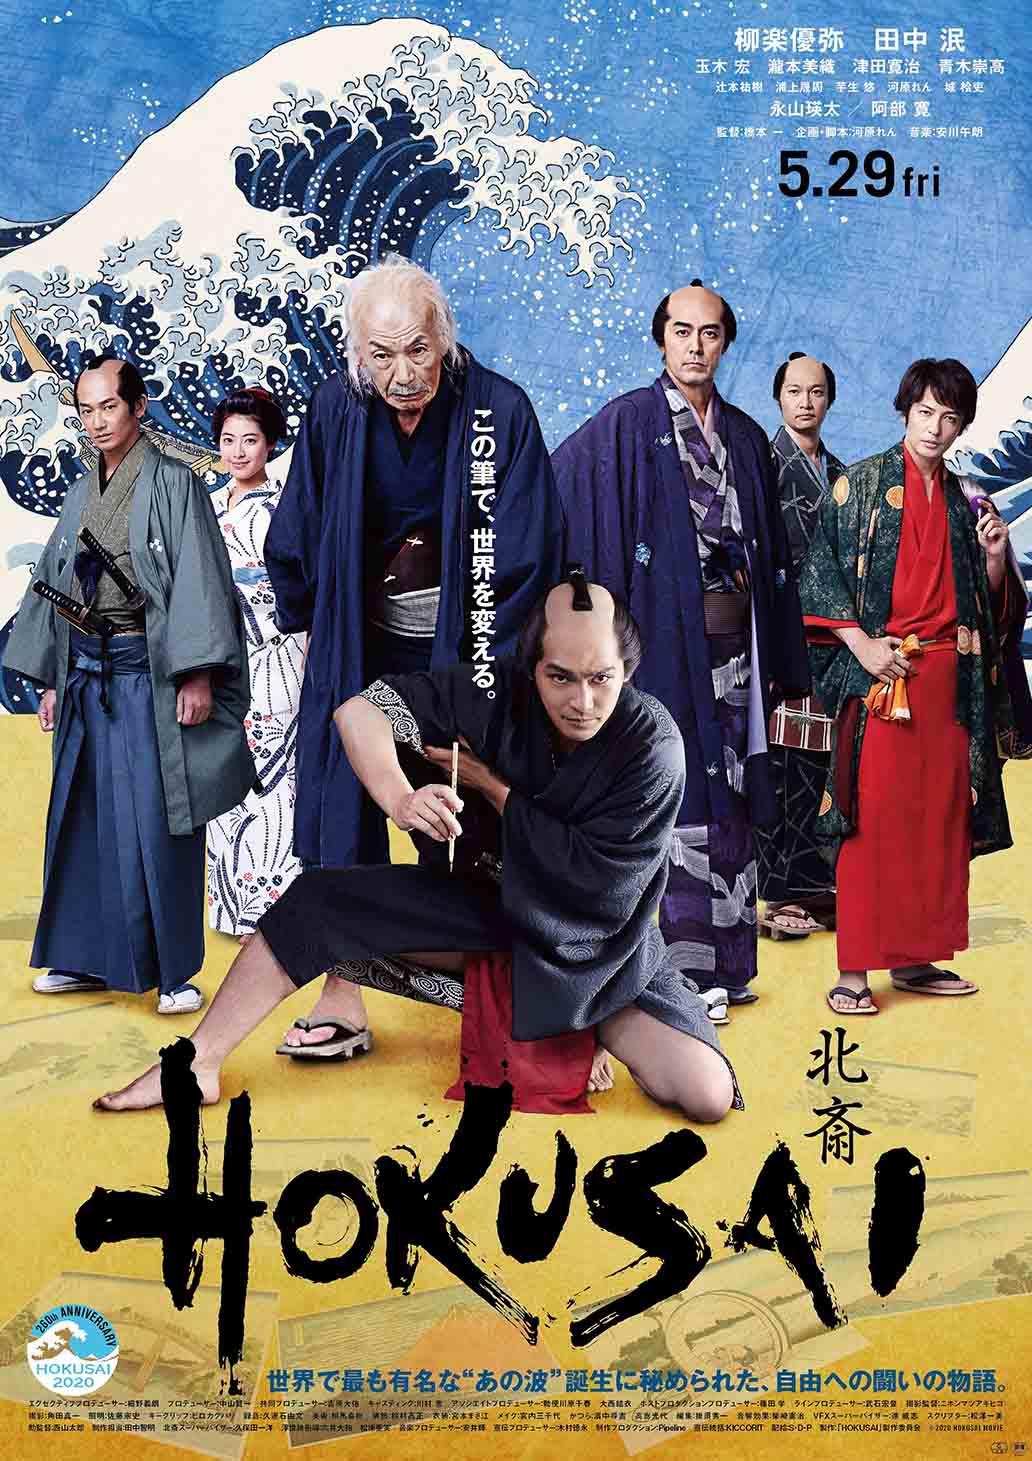 hokusai_small.jpg